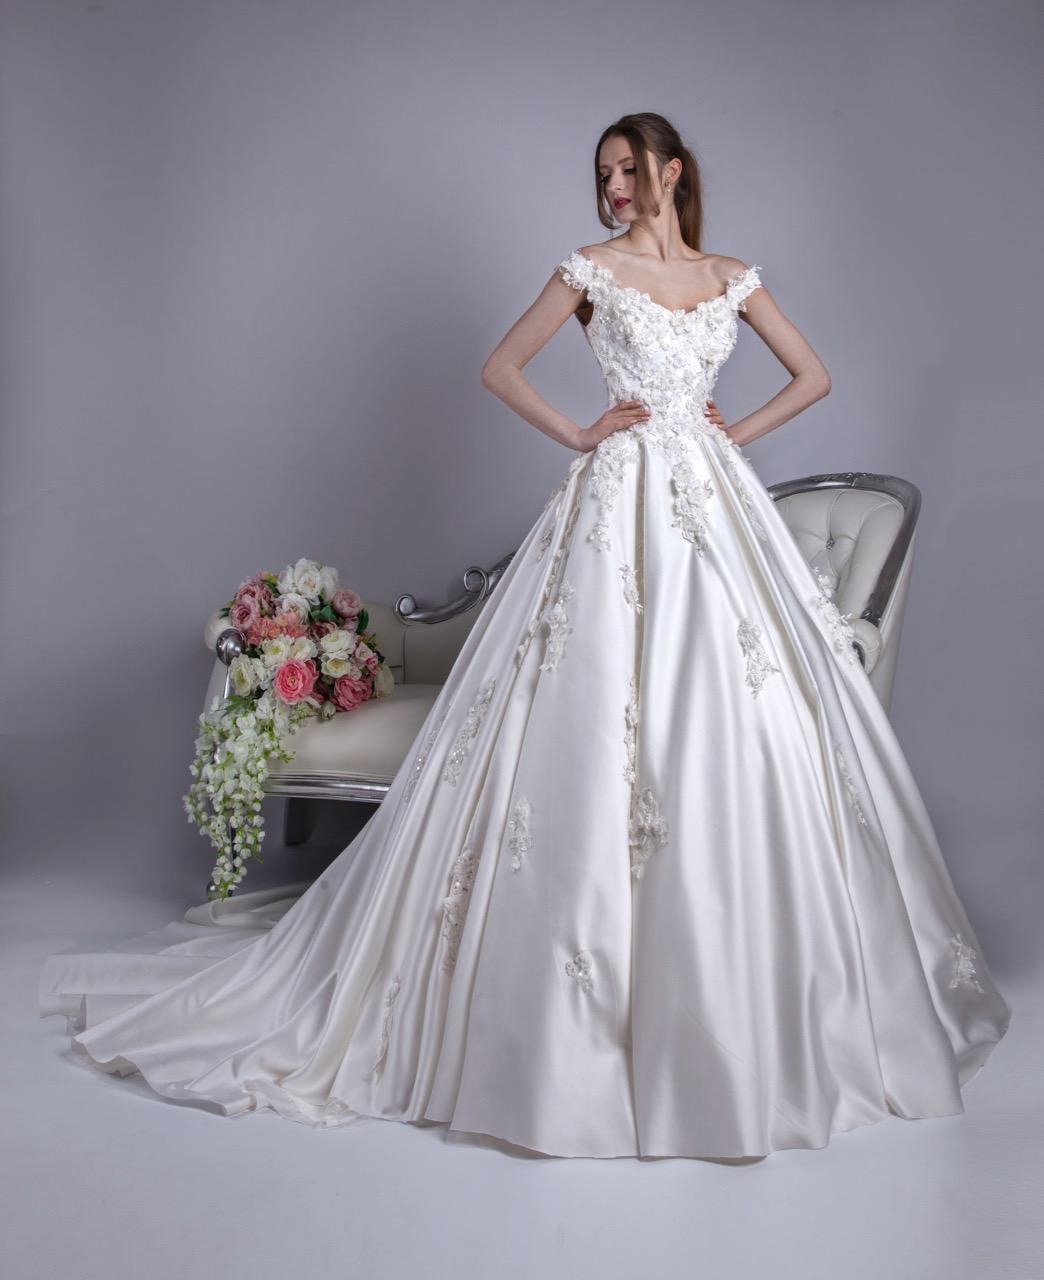 Robe de mariée avec des manches tombantes et une jupe volumineuse